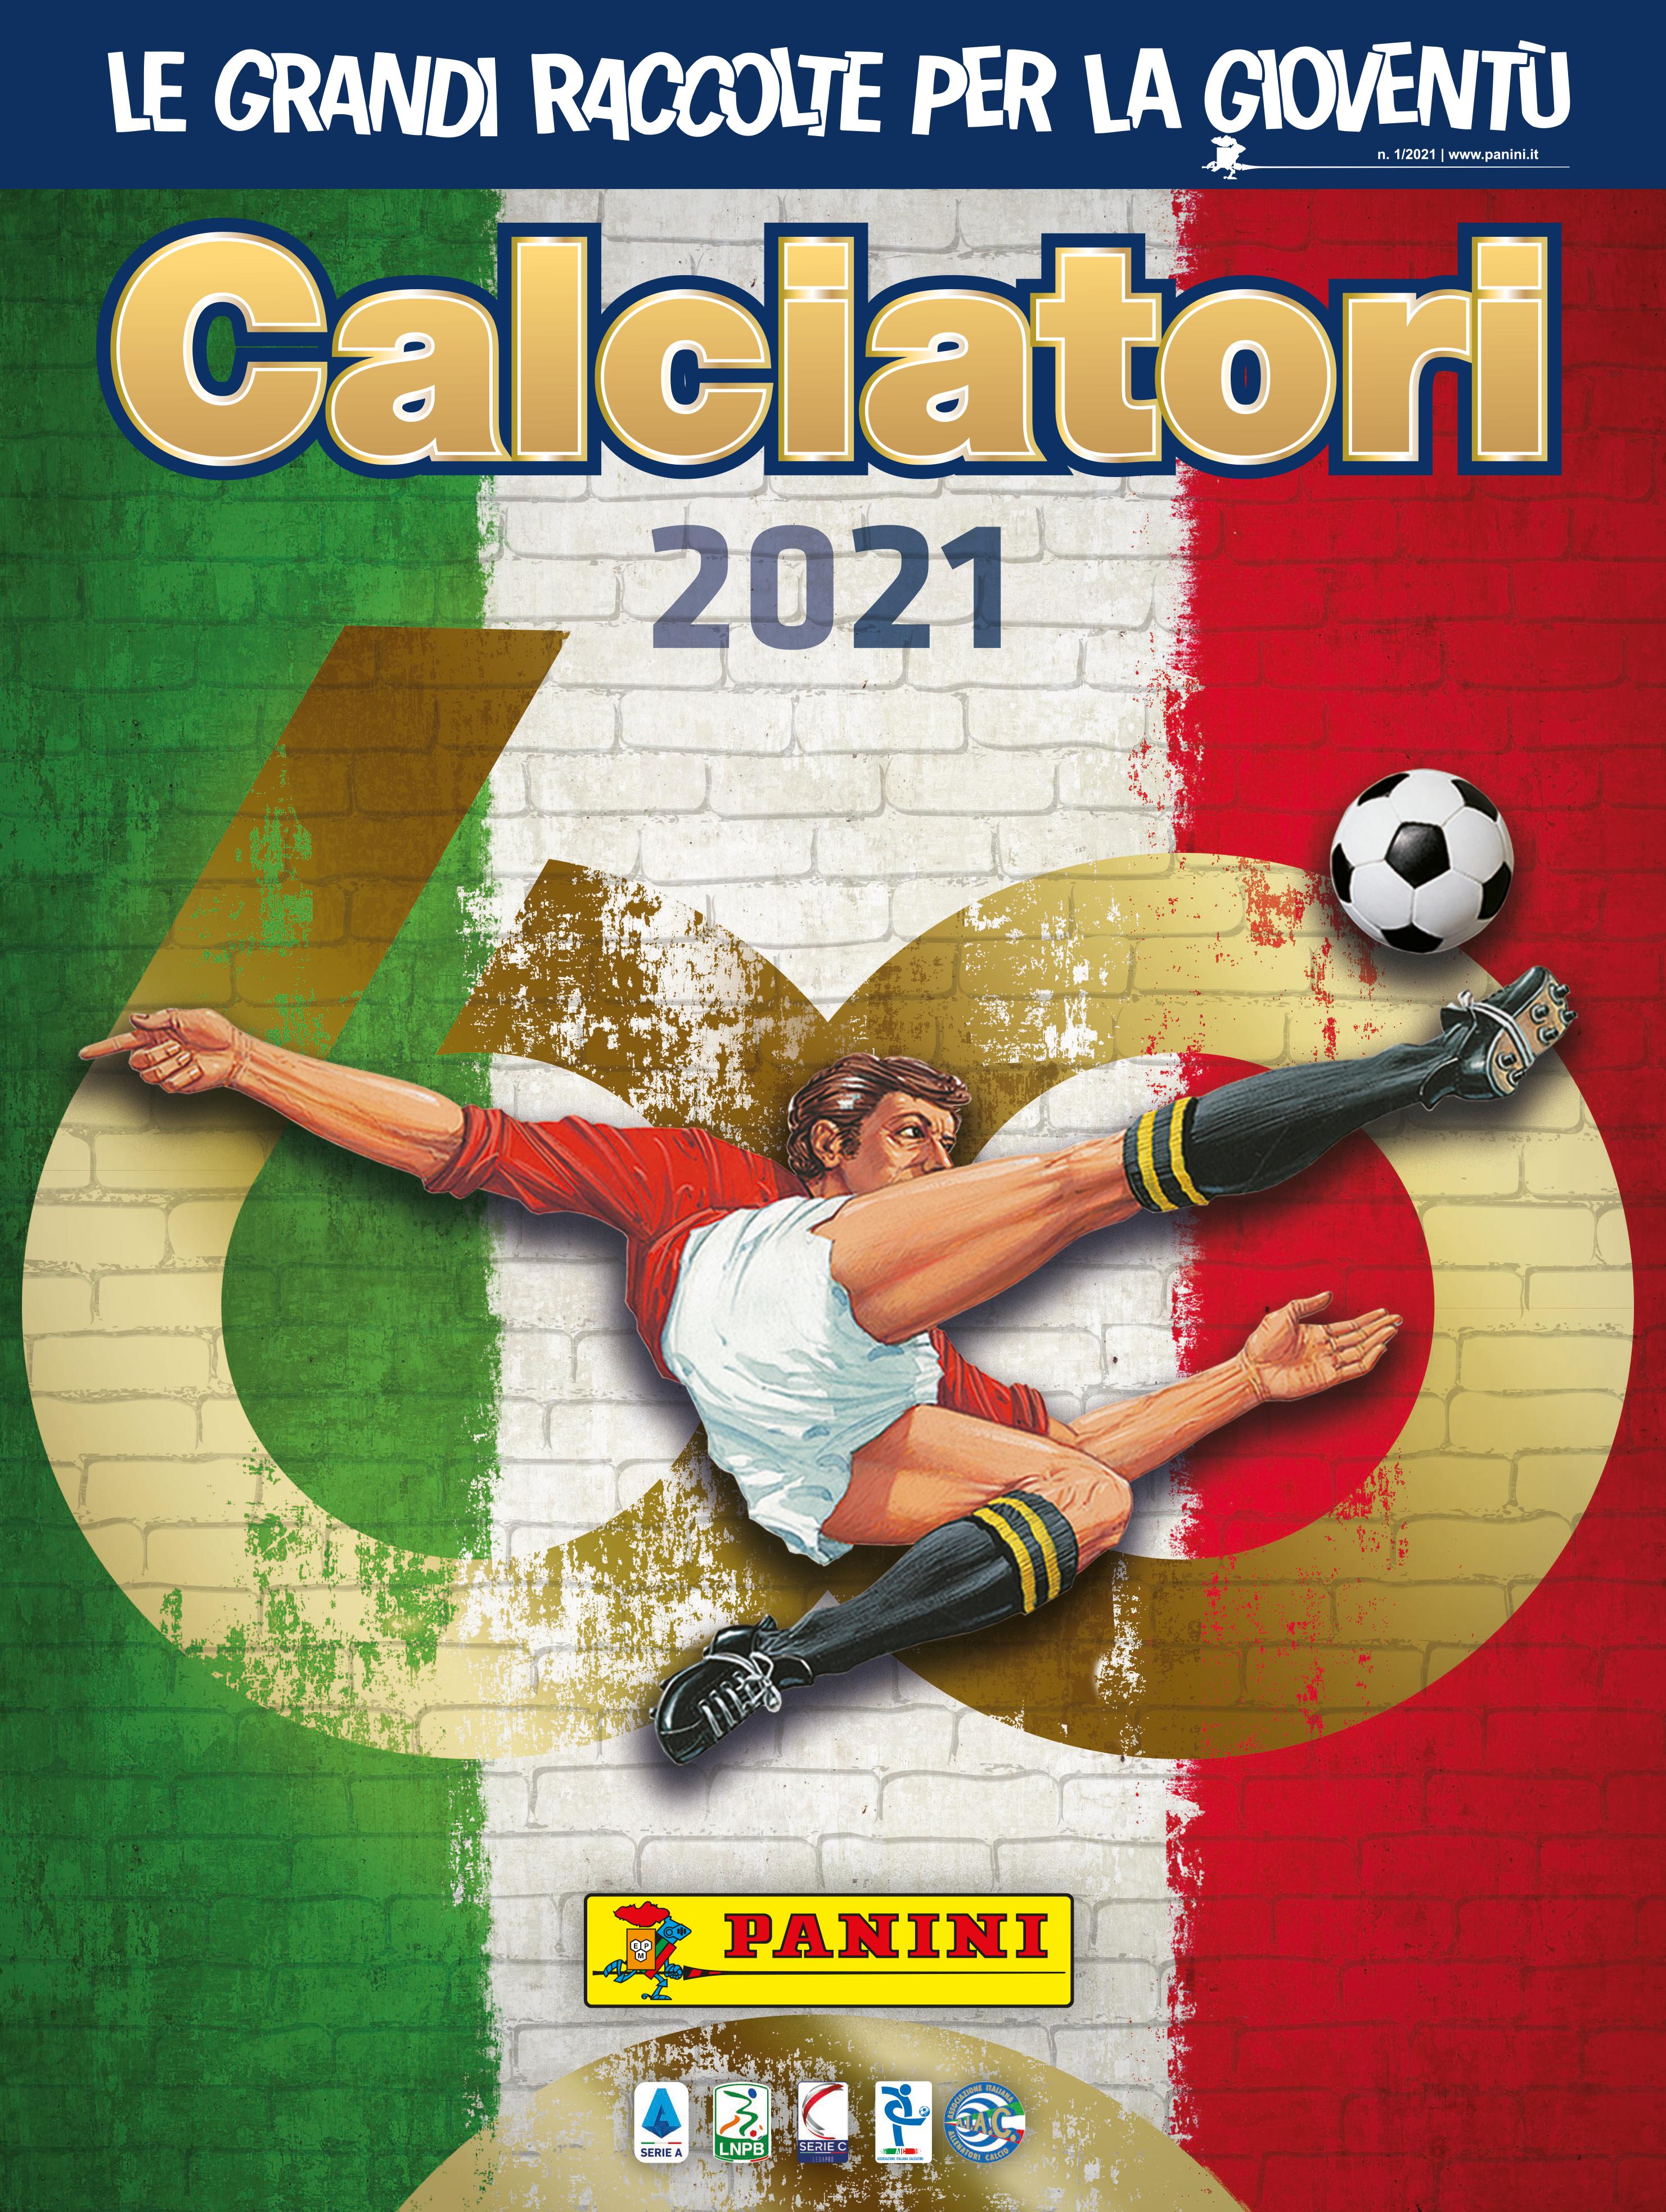 L&#39;album Calciatori Panini celebra i suoi 60 anni con il lancio della nuova edizione dedicata alla stagione 2020/21. &Egrave; stata infatti svelata oggi &quot;Calciatori 2021&quot;, la collezione ufficiale di figurine Panini sul calcio italiano giunta appunto alla 60.a edizione. Un album di 132 pagine con 748 figurine in cui sono tante le novita&#39;, dalla &quot;Top Team Panini 60&quot; e &quot;La Panini piu&#39; amata&quot;, che saranno scelte con la collaborazione di collezionisti e tifosi, oltre alle figurine delle copertine storiche degli album dal 1961 e degli MVP dei club di Serie A. La copertina dell&#39;album &quot;Calciatori 2021&quot; e&#39; caratterizzata dall&#39;immagine iconica del famoso calciatore in rovesciata. Alla Serie A sono dedicate quattro pagine con 22 calciatori, il mister e la maglia. Seguono poi le pagine dedicate a Serie BKT (20 squadre con 18 figurine di calciatori e lo scudetto), Serie C, Serie D e Serie A femminile. Numerose anche le figurine speciali, dal &quot;Film del campionato&quot;, alla sezione &quot;Calciomercato - L&#39;Originale&quot;, oltre ai momenti e protagonisti del campionato nella prima parte di stagione.&nbsp;<br /><br />